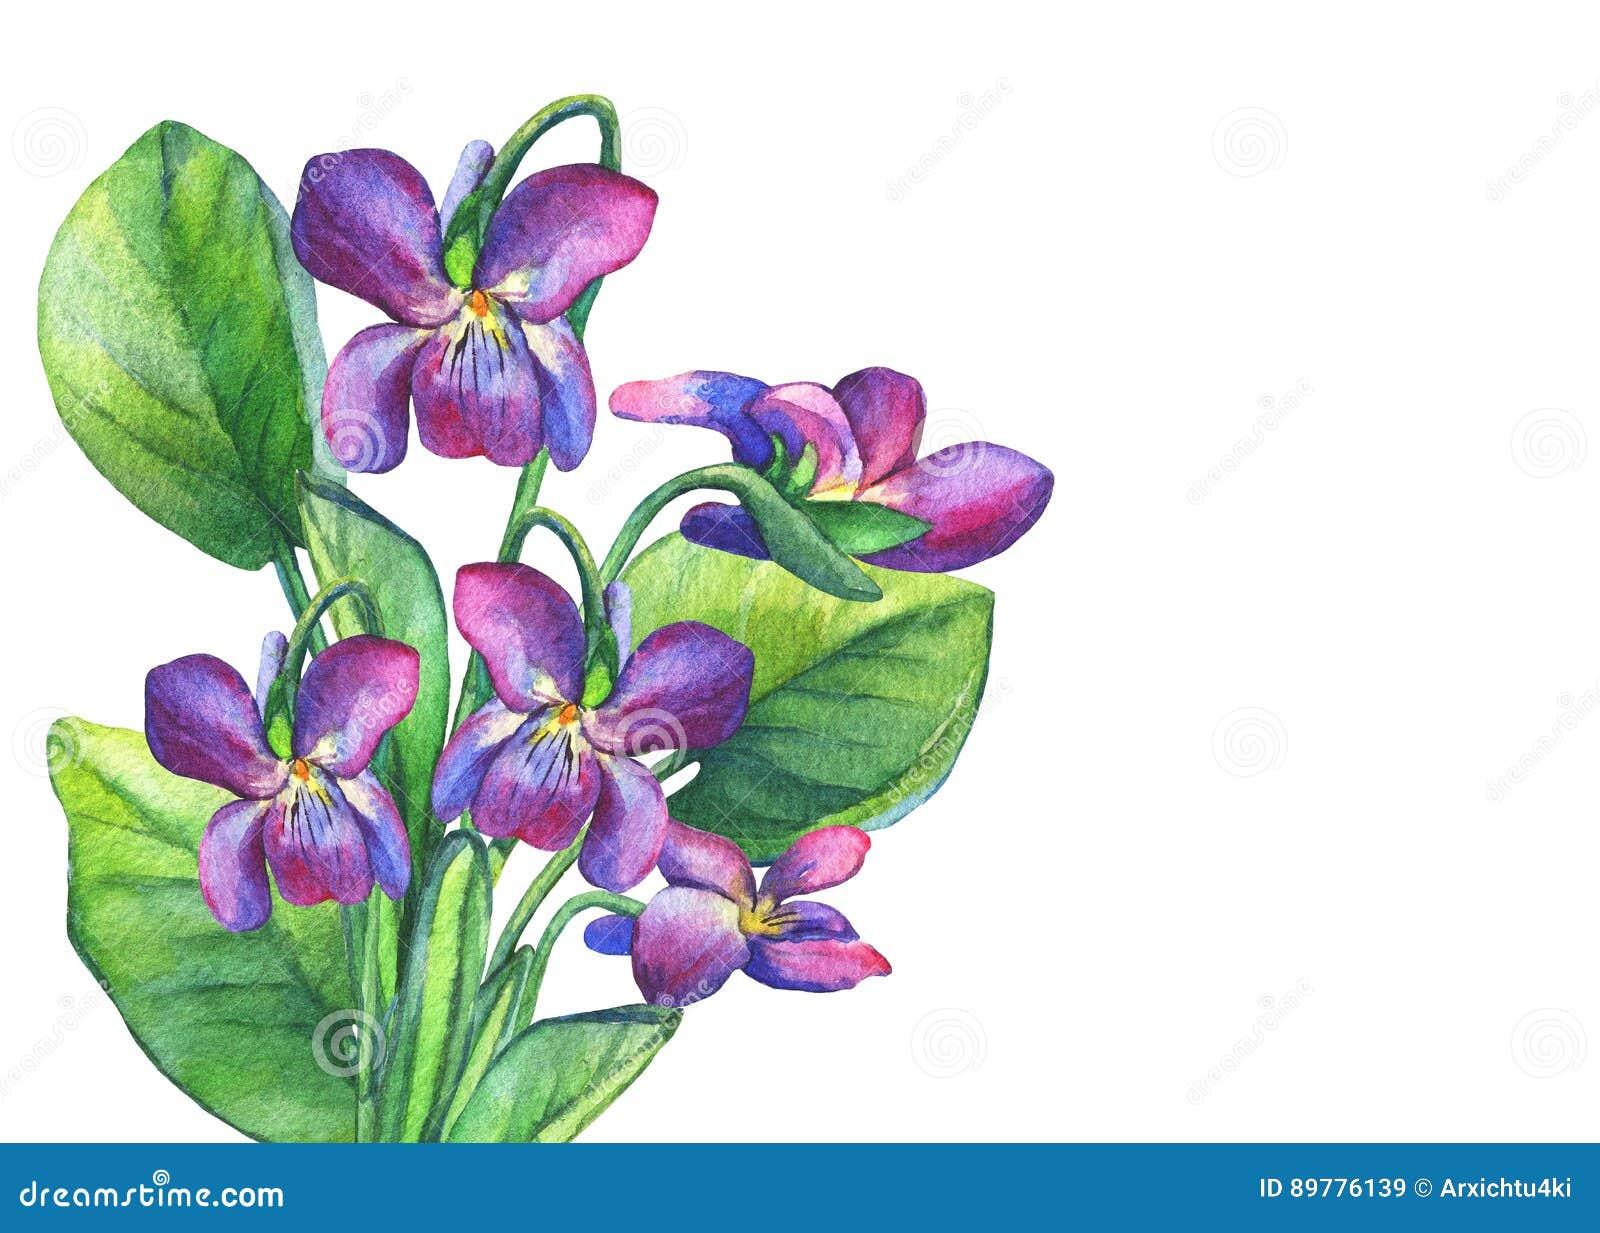 Colorful spring flowers Fragrant violets English Sweet Violets, Viola odorata.